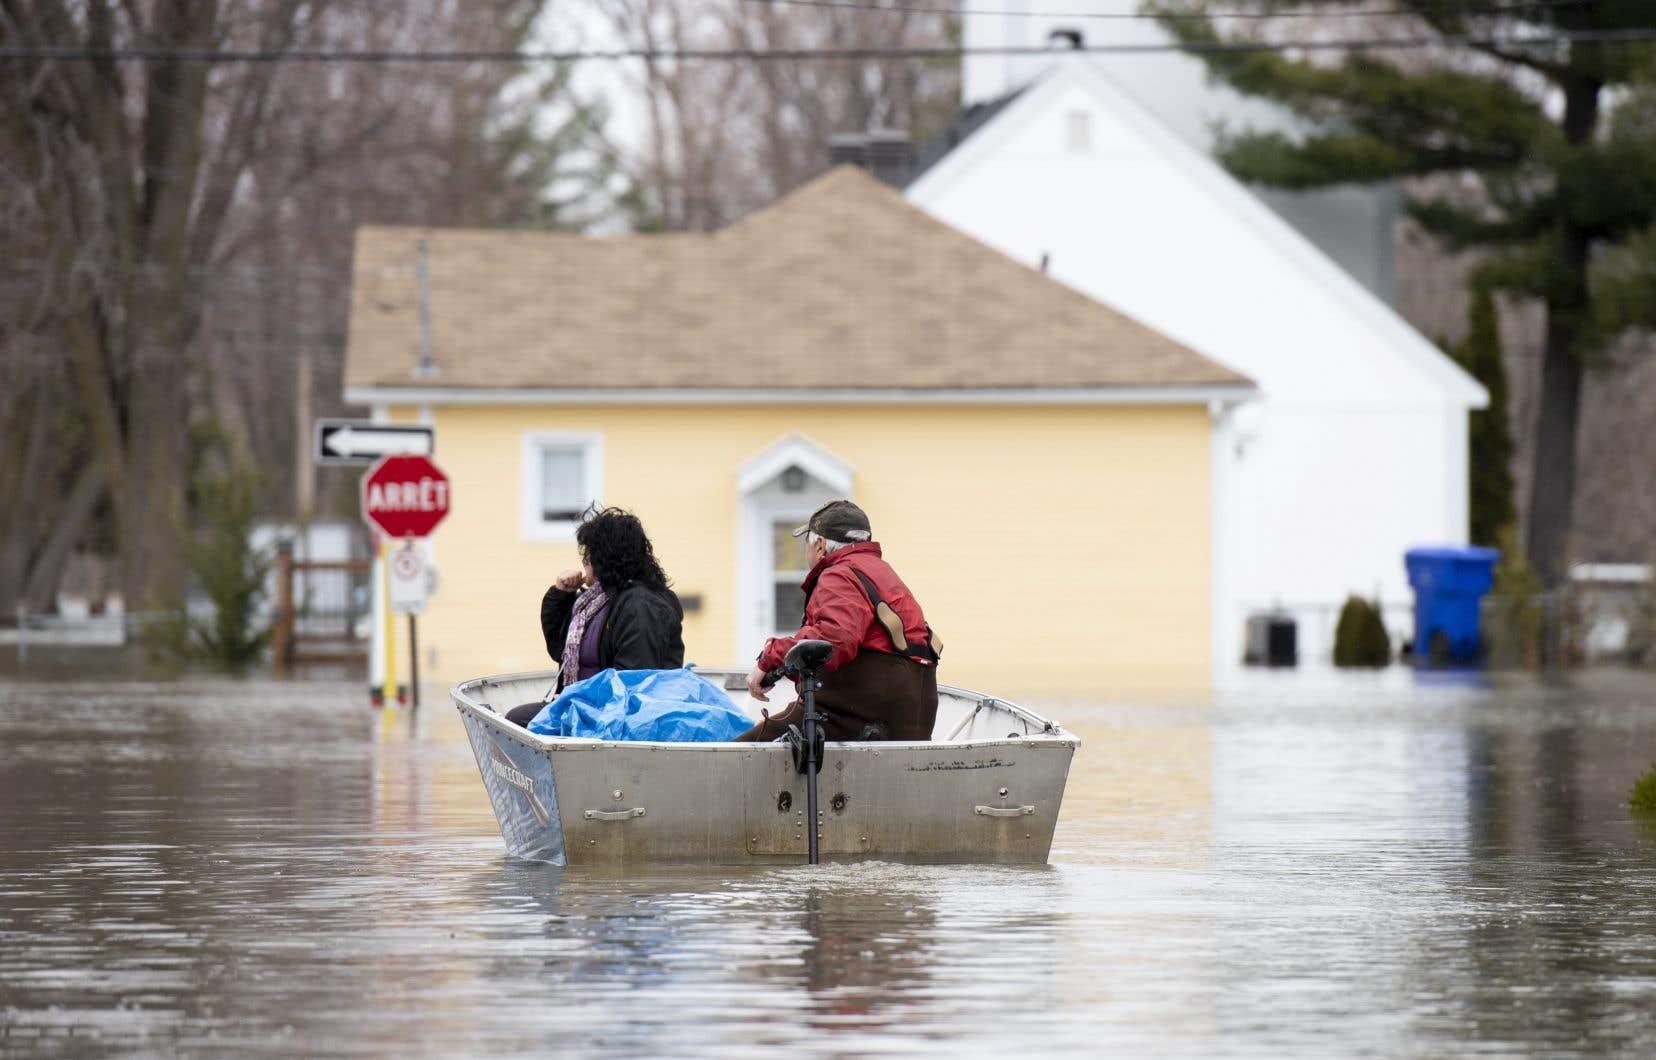 Le gouvernement fédéral dit qu'un nombre croissant de collectivités canadiennes a connu des événements météorologiques importants et des catastrophes naturelles.